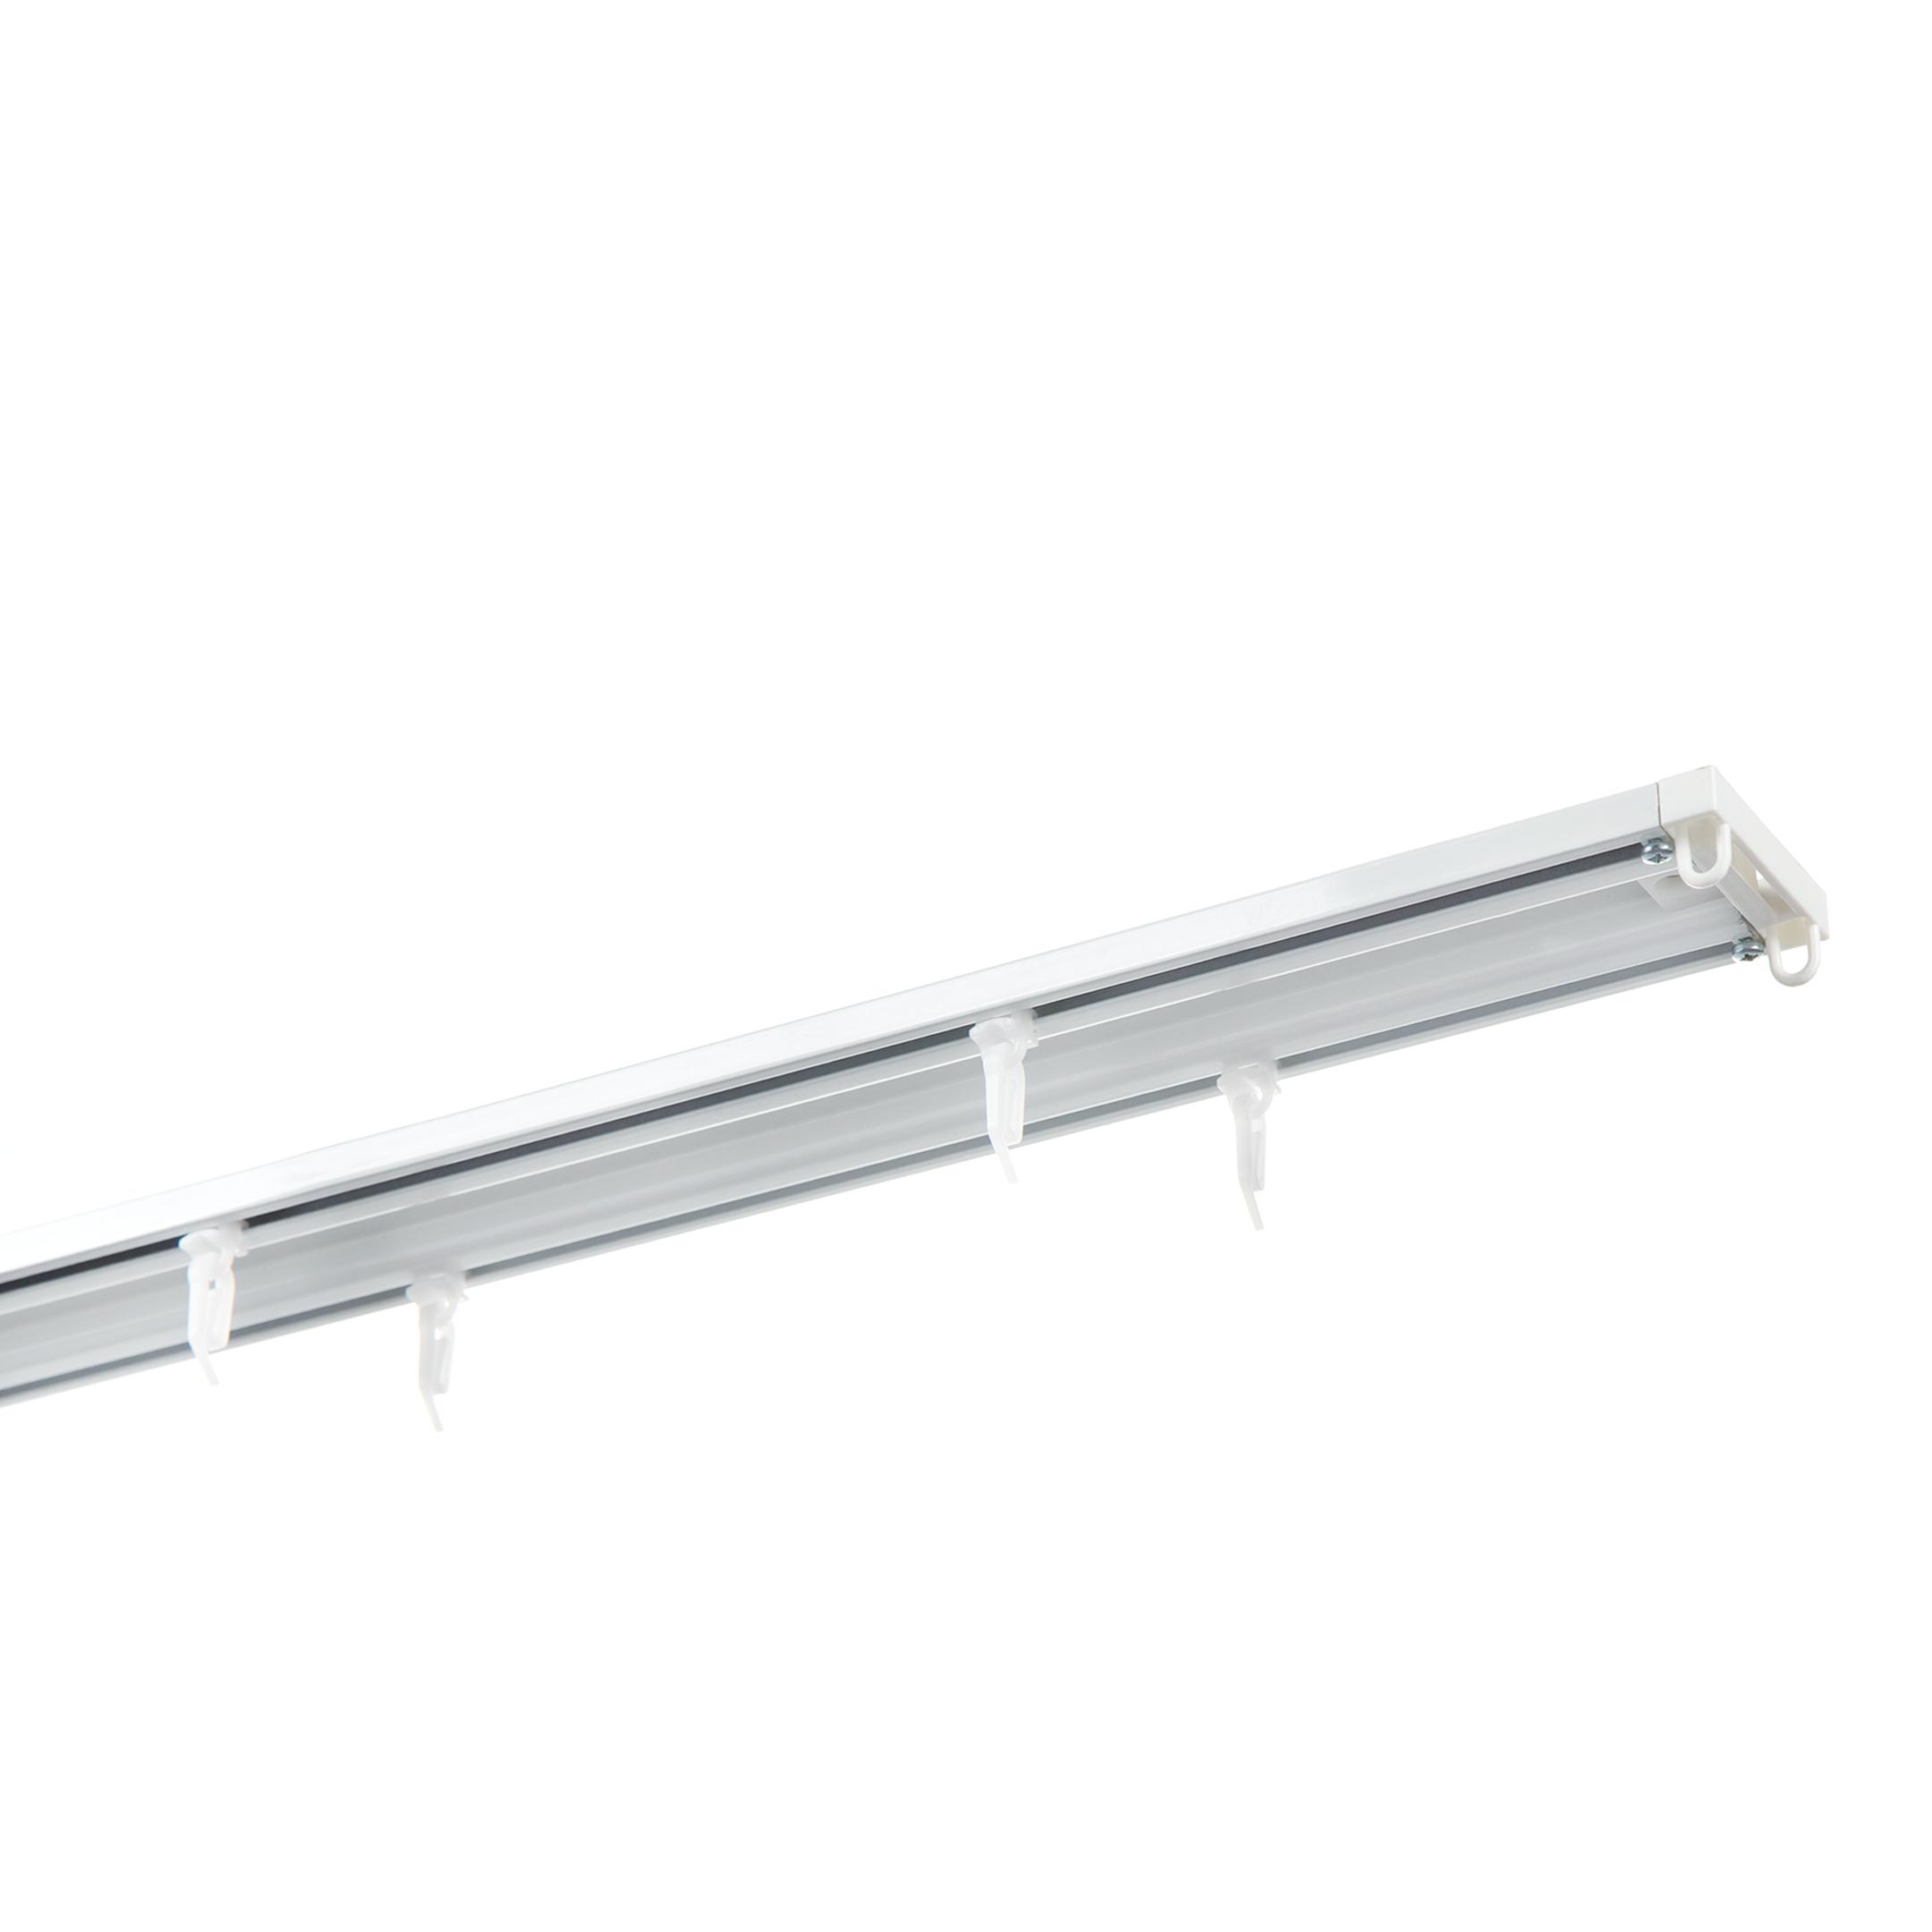 Фото - Карниз потолочный алюминиевый двухрядный 200 см белый бегунок производитель hans pries 300124755